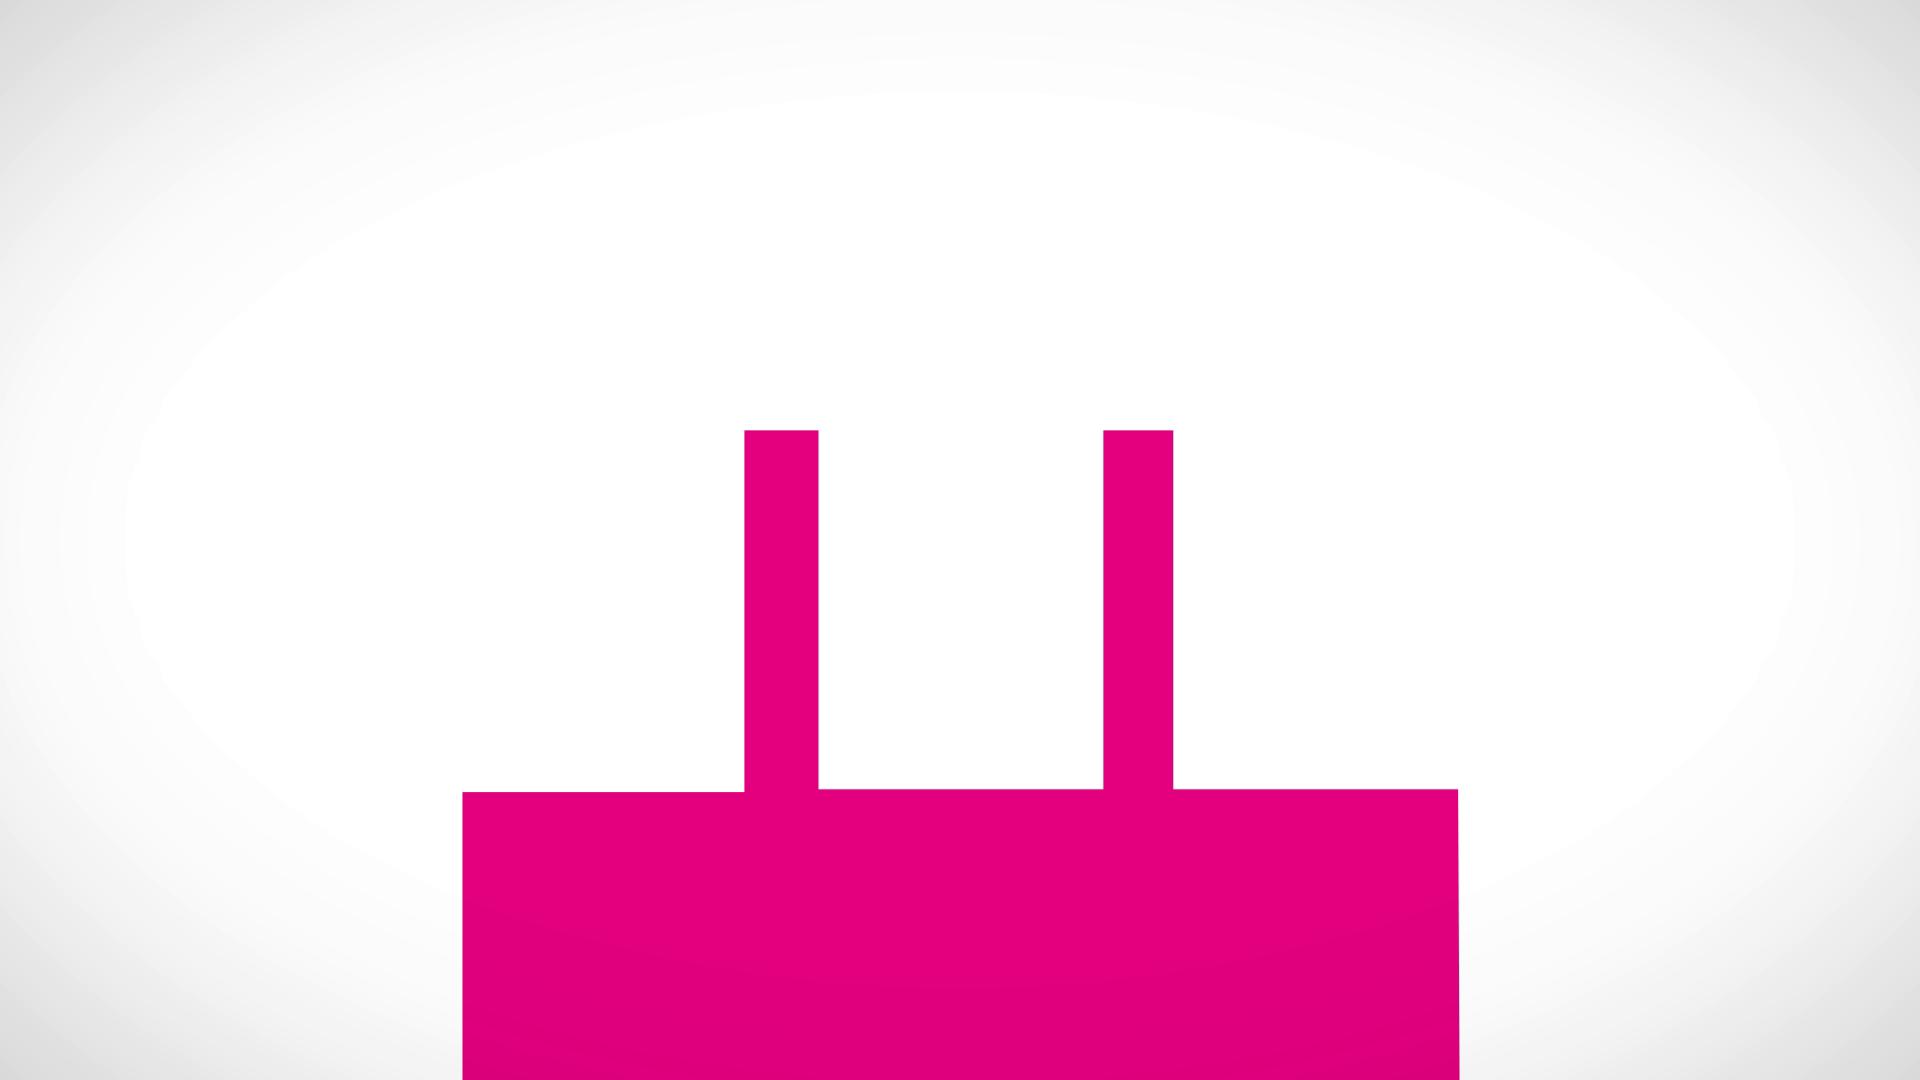 vlcsnap-2015-08-02-21h41m51s139